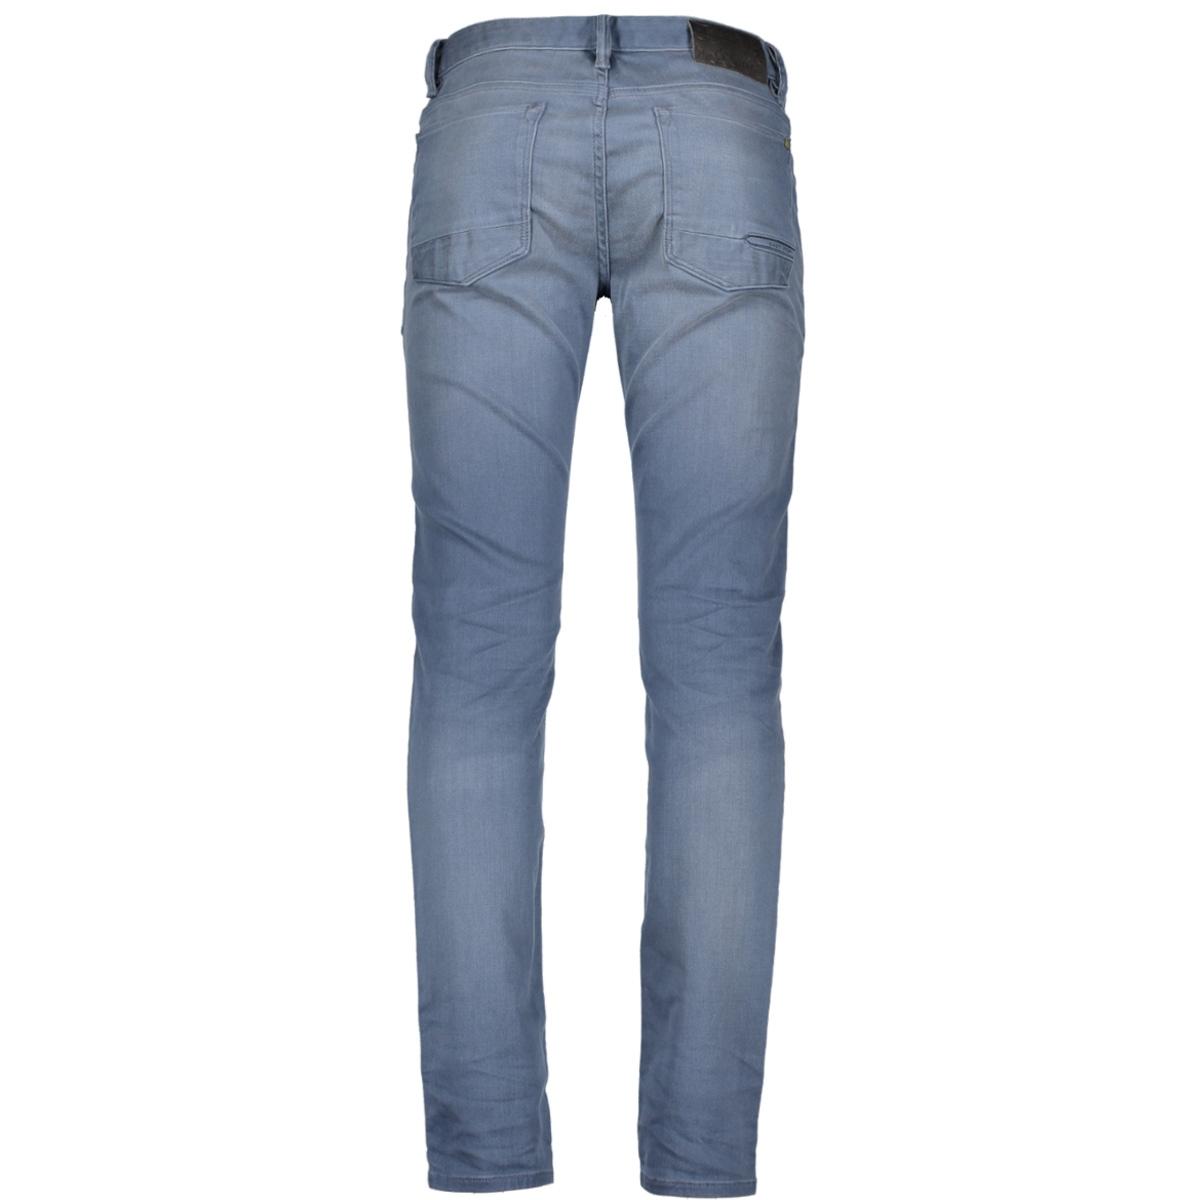 ctr178202 cast iron jeans stw